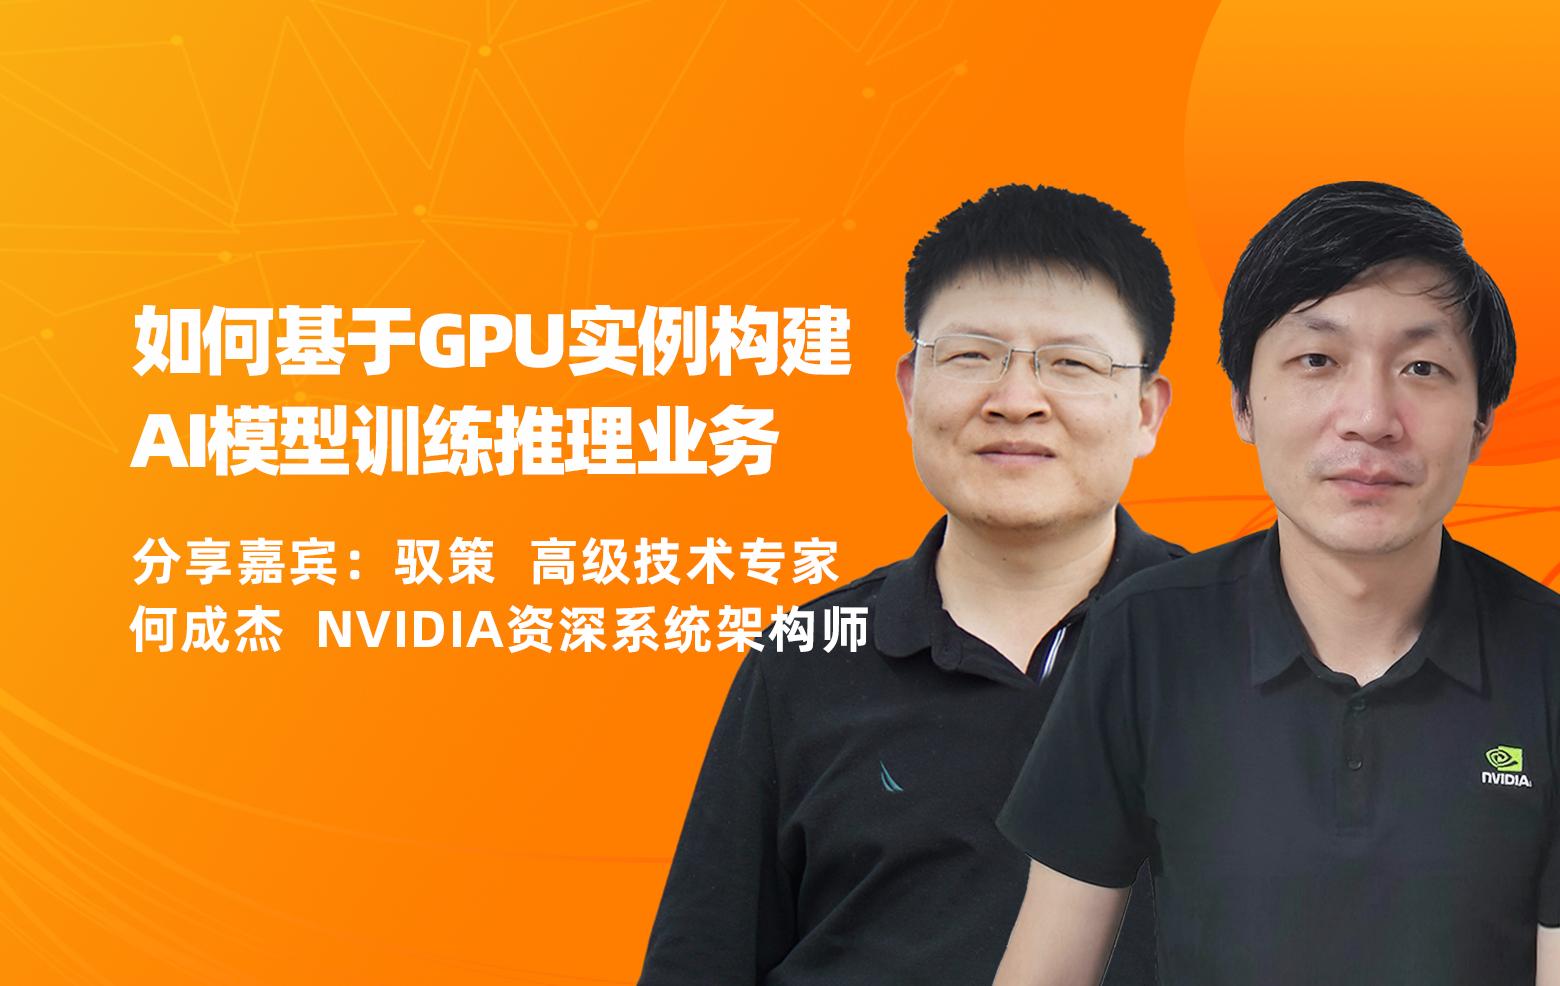 如何基于GPU实例构建AI模型训练推理业务